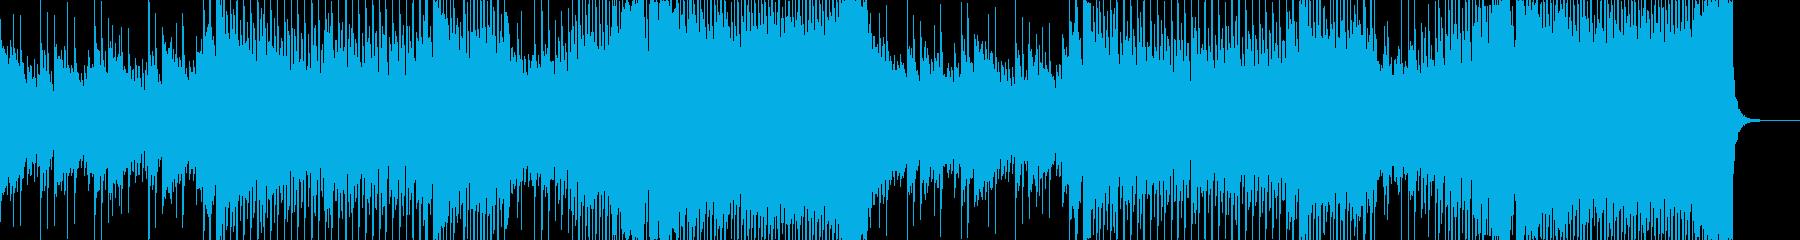 前向きで爽やかなテンポの良いハッピー曲の再生済みの波形